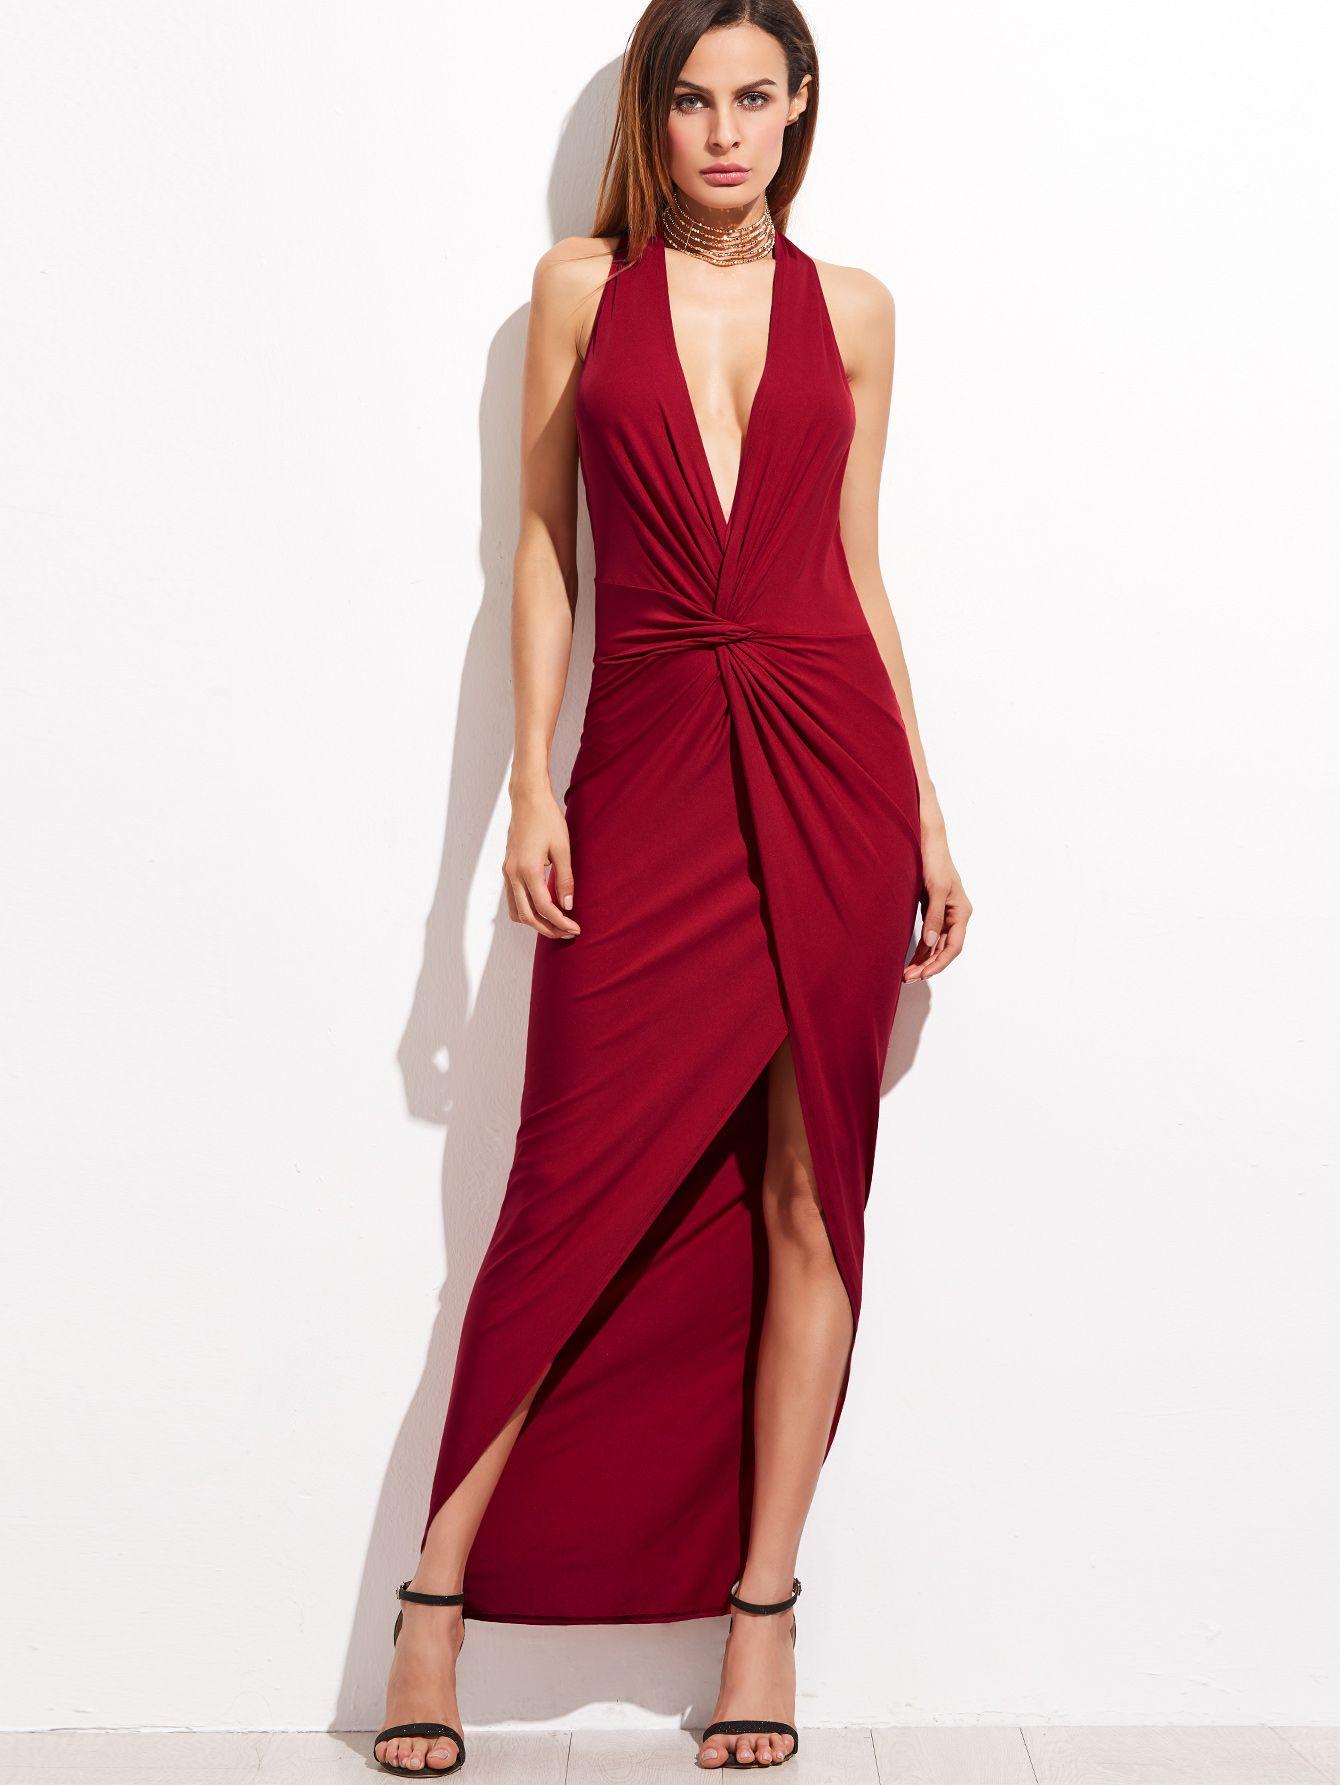 Adorewe shein dresses shein burgundy halter plunge neck twist